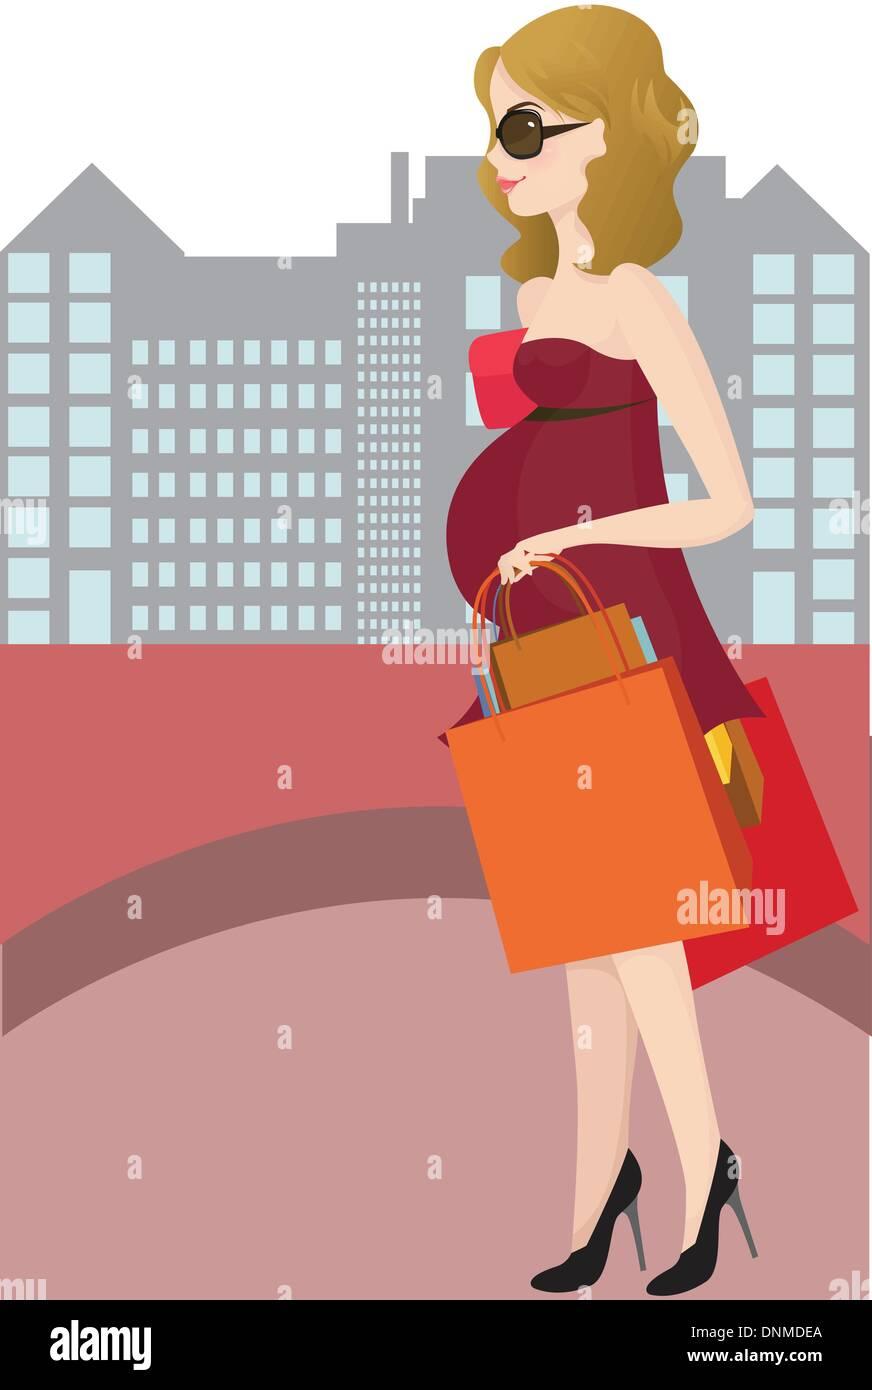 Una illustrazione vettoriale di una donna in stato di gravidanza andando shopping Immagini Stock